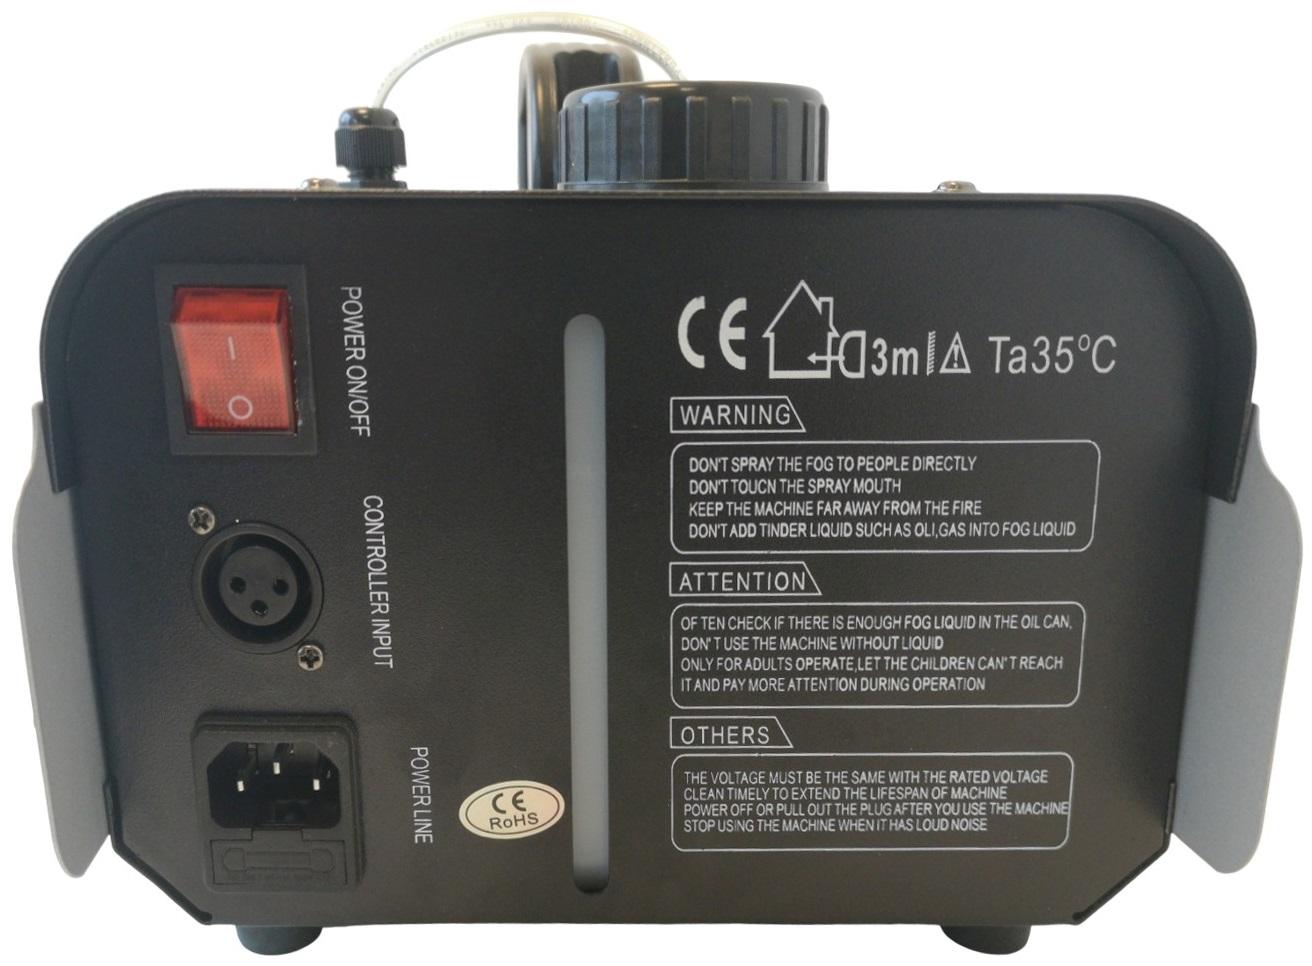 EXTREME FOG 1000 6RGB MACCHINA DEL FUMO 1000 WATT CON 6 LED DA 3 WATT RGB CONTROLLO WIRELESS 2